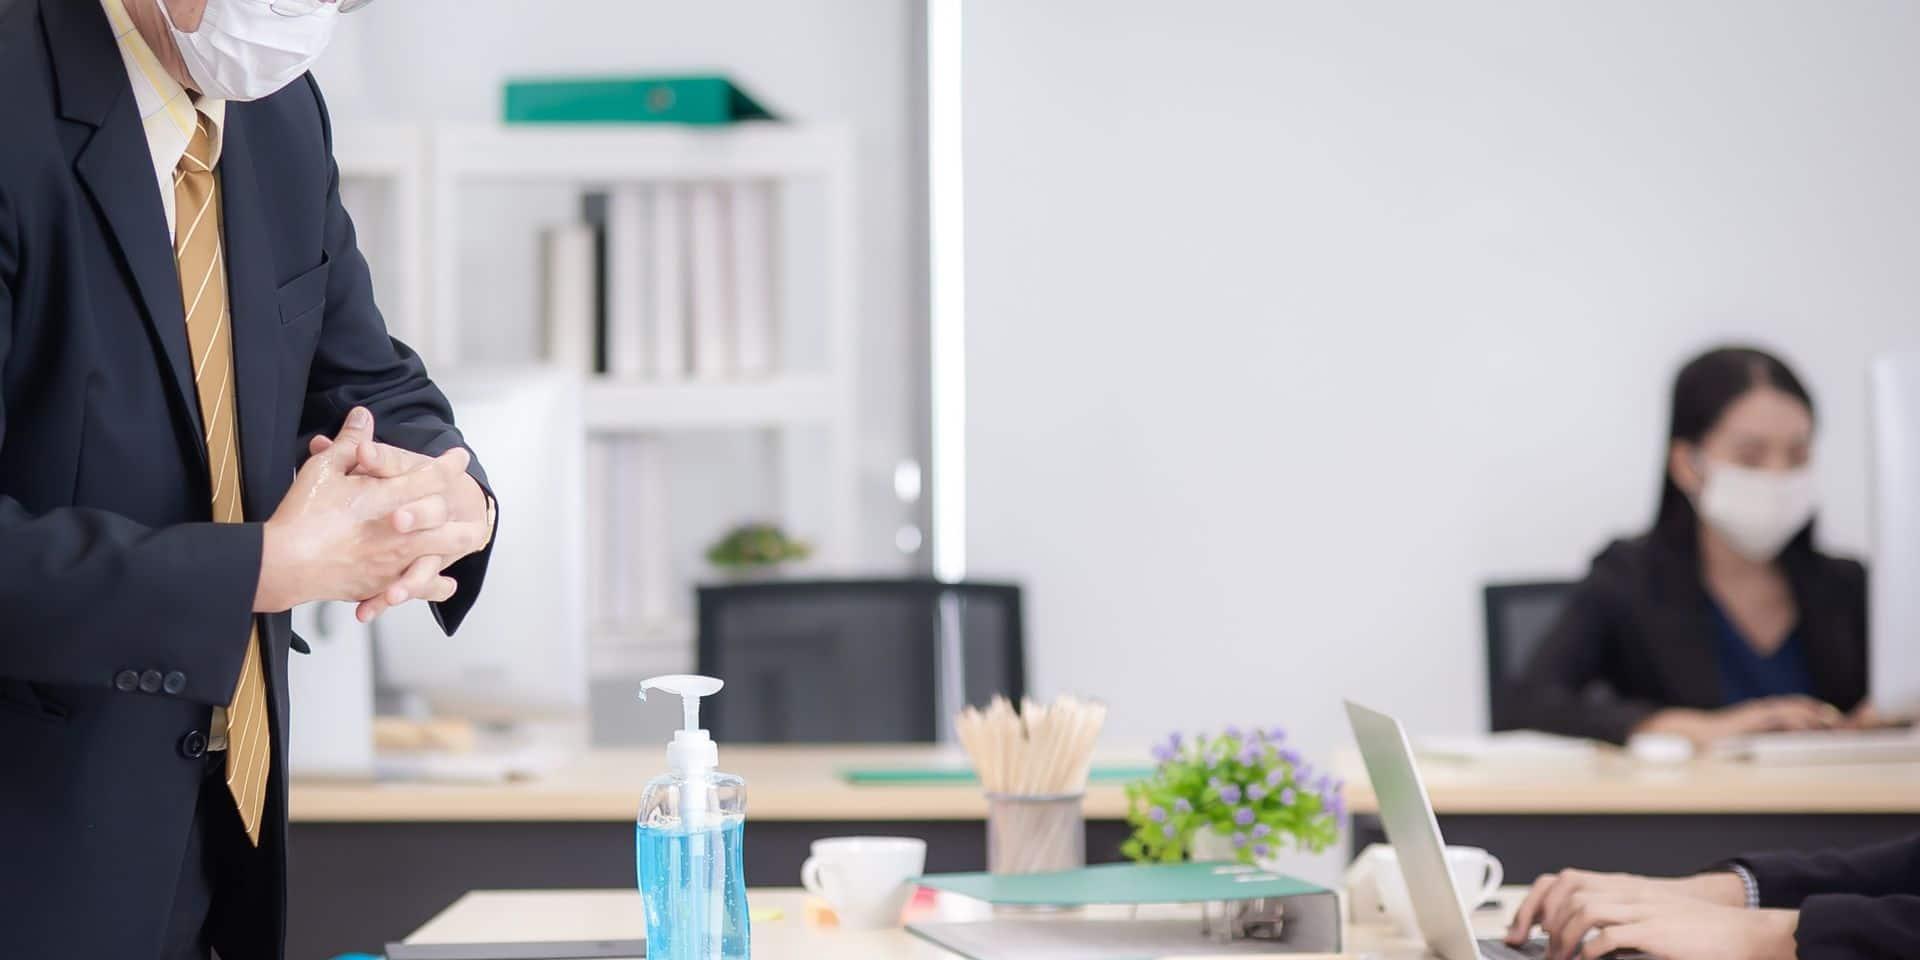 Une entreprise flamande sur trois ne respecte pas les mesures sanitaires